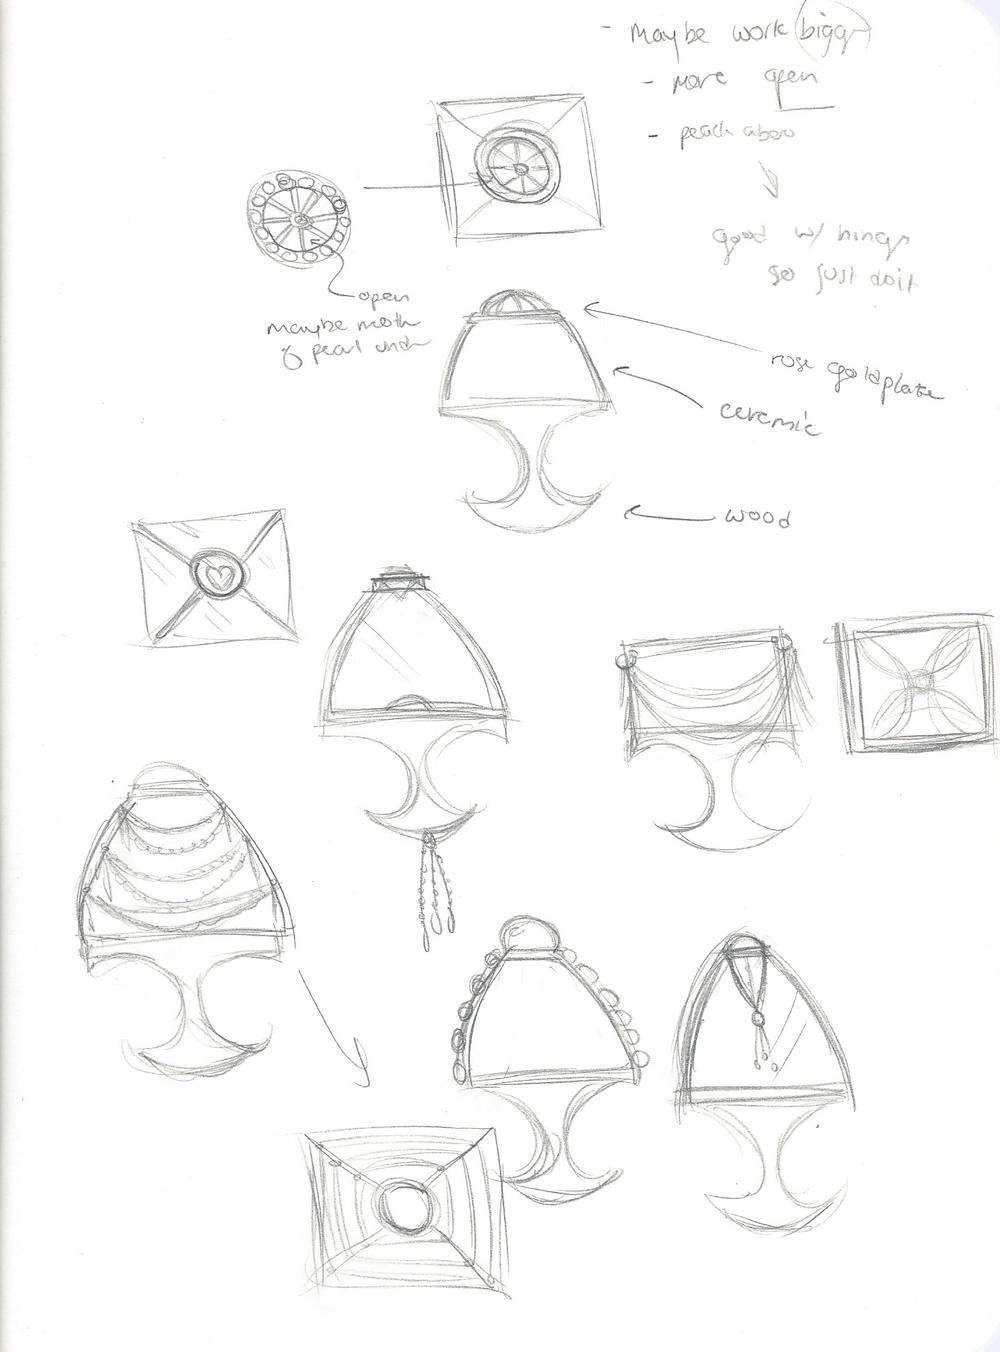 renderings-b-3.jpg